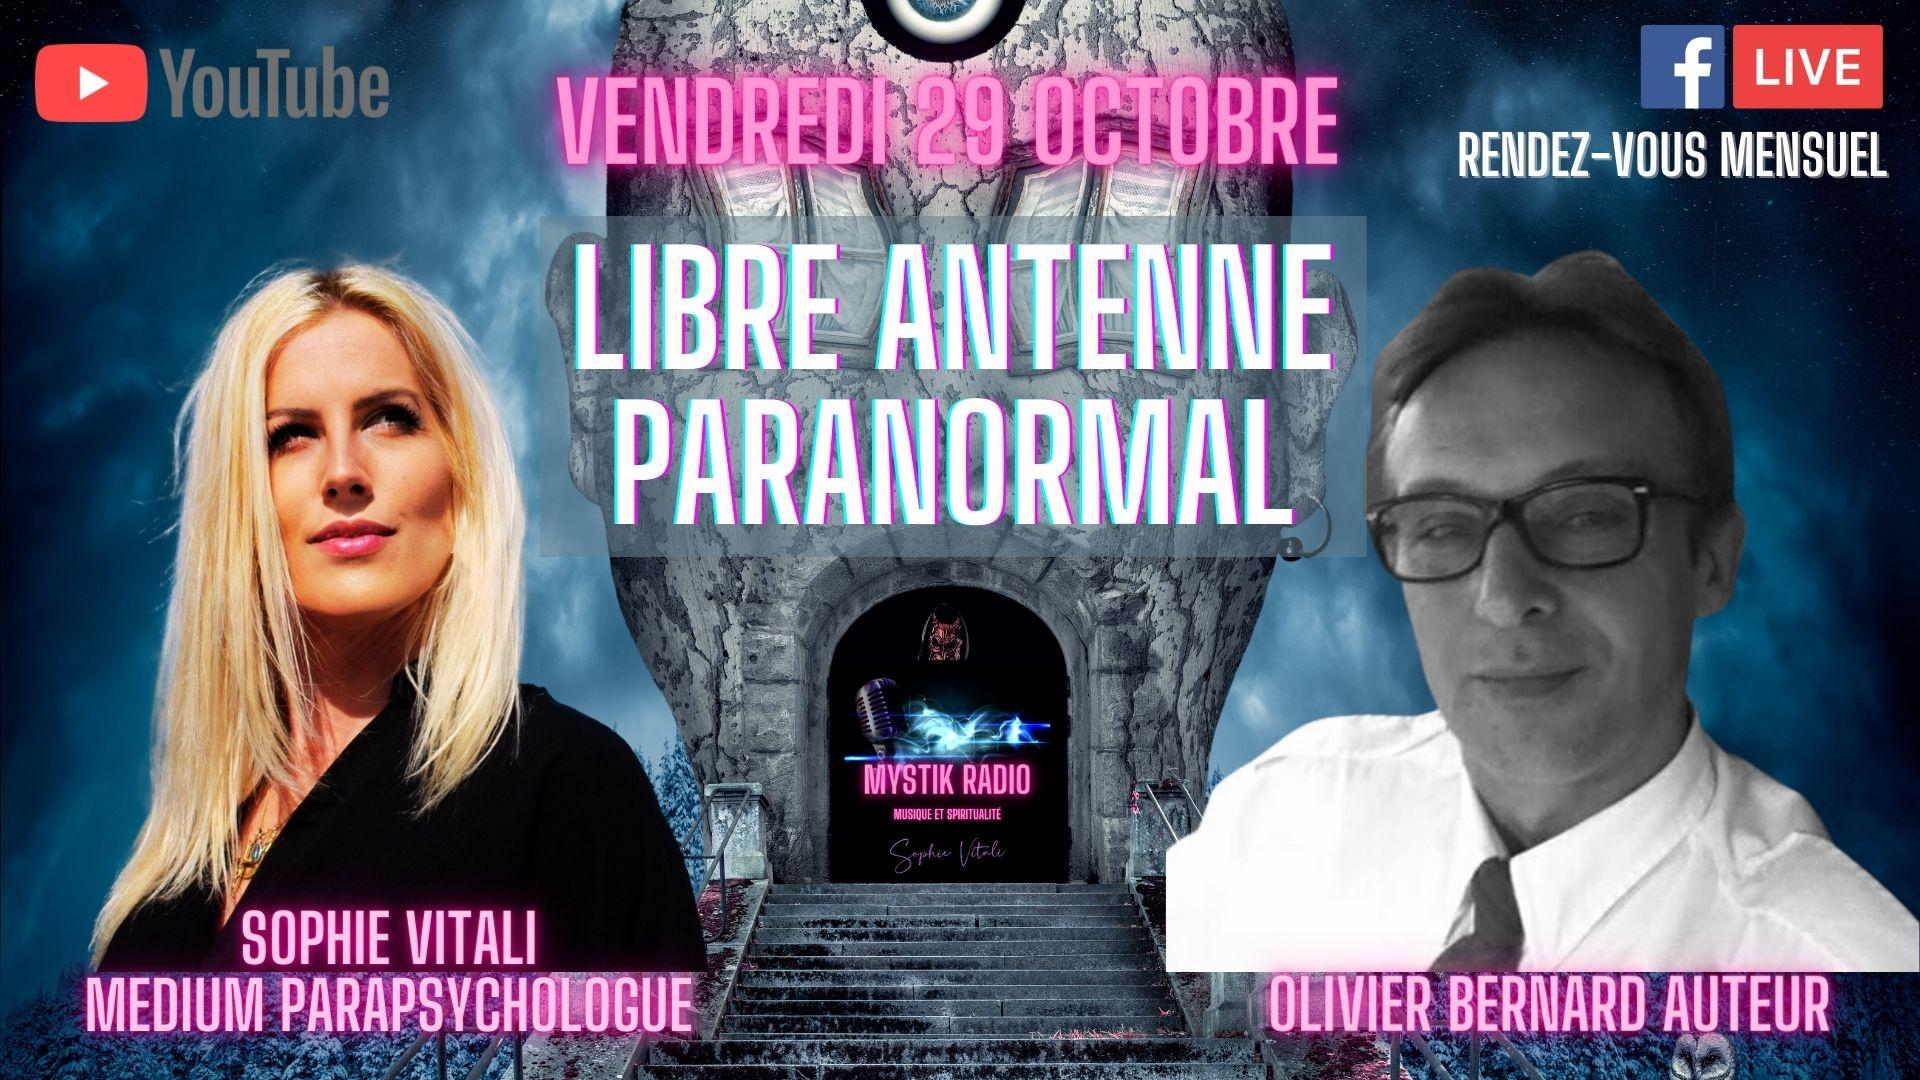 Libre antenne Paranormal : Sophie Vitali parapsychologue et Olivier Bernard auteur : Les lueurs célestes et Les portes de l'esprit 29.10.2021